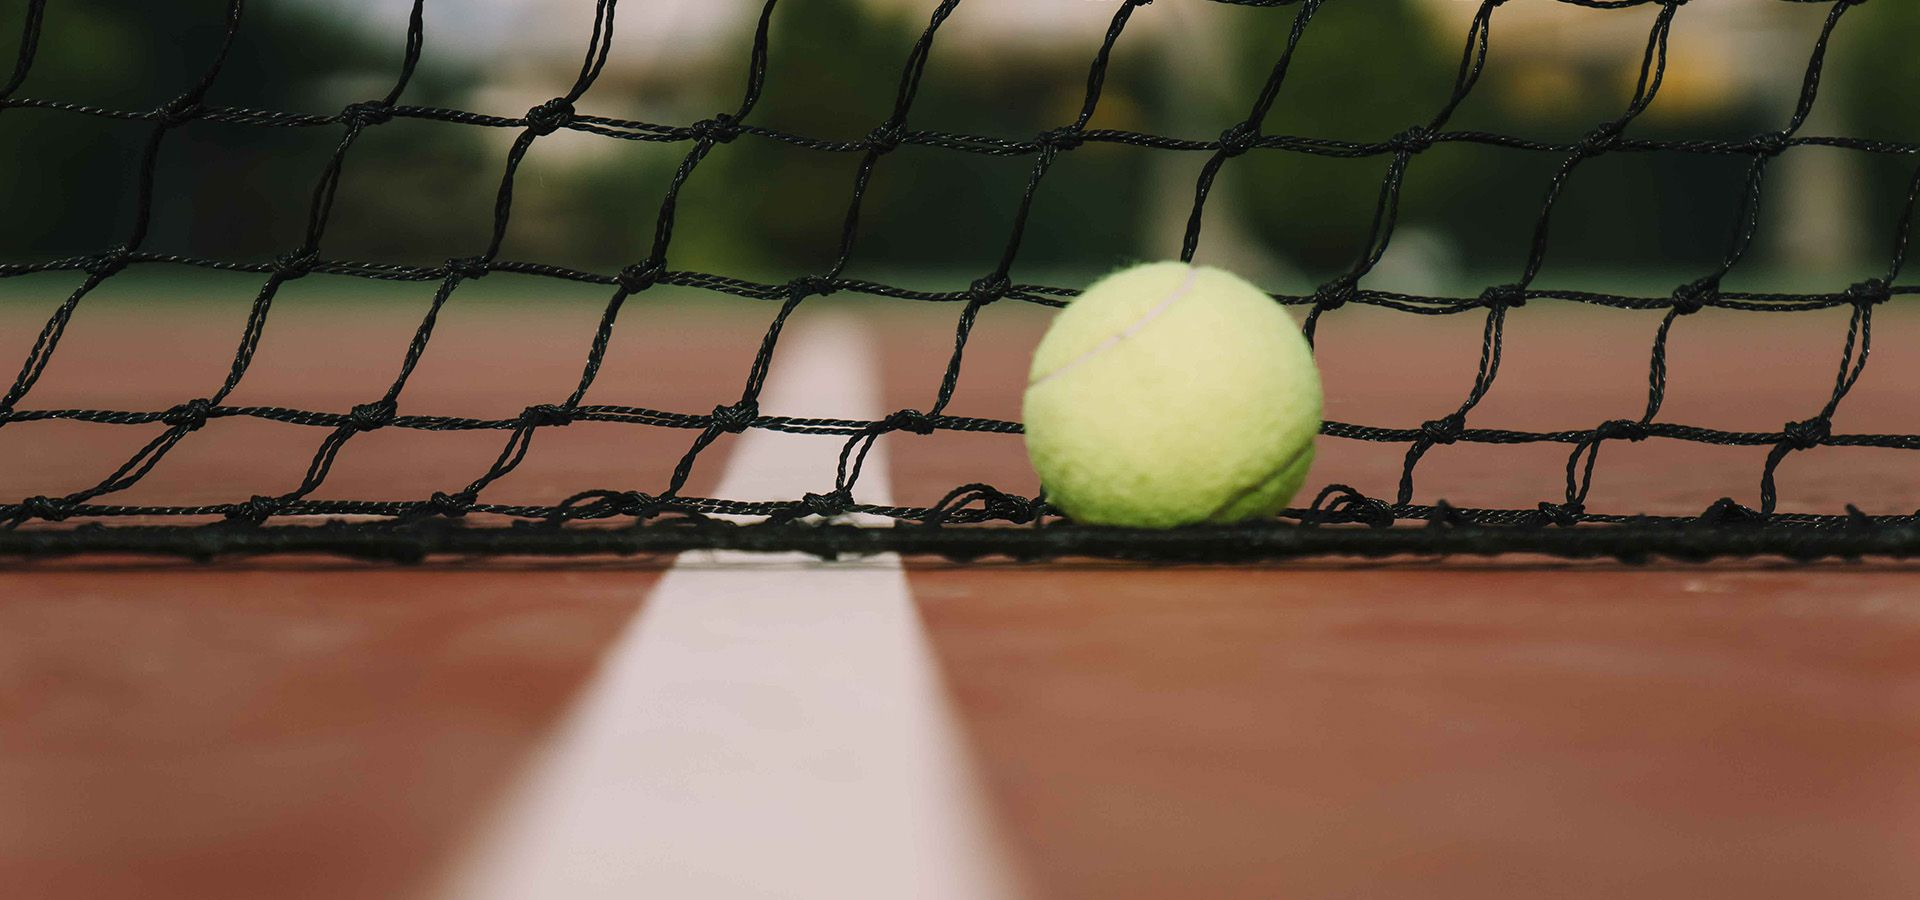 Promoción de disciplinas deportivas